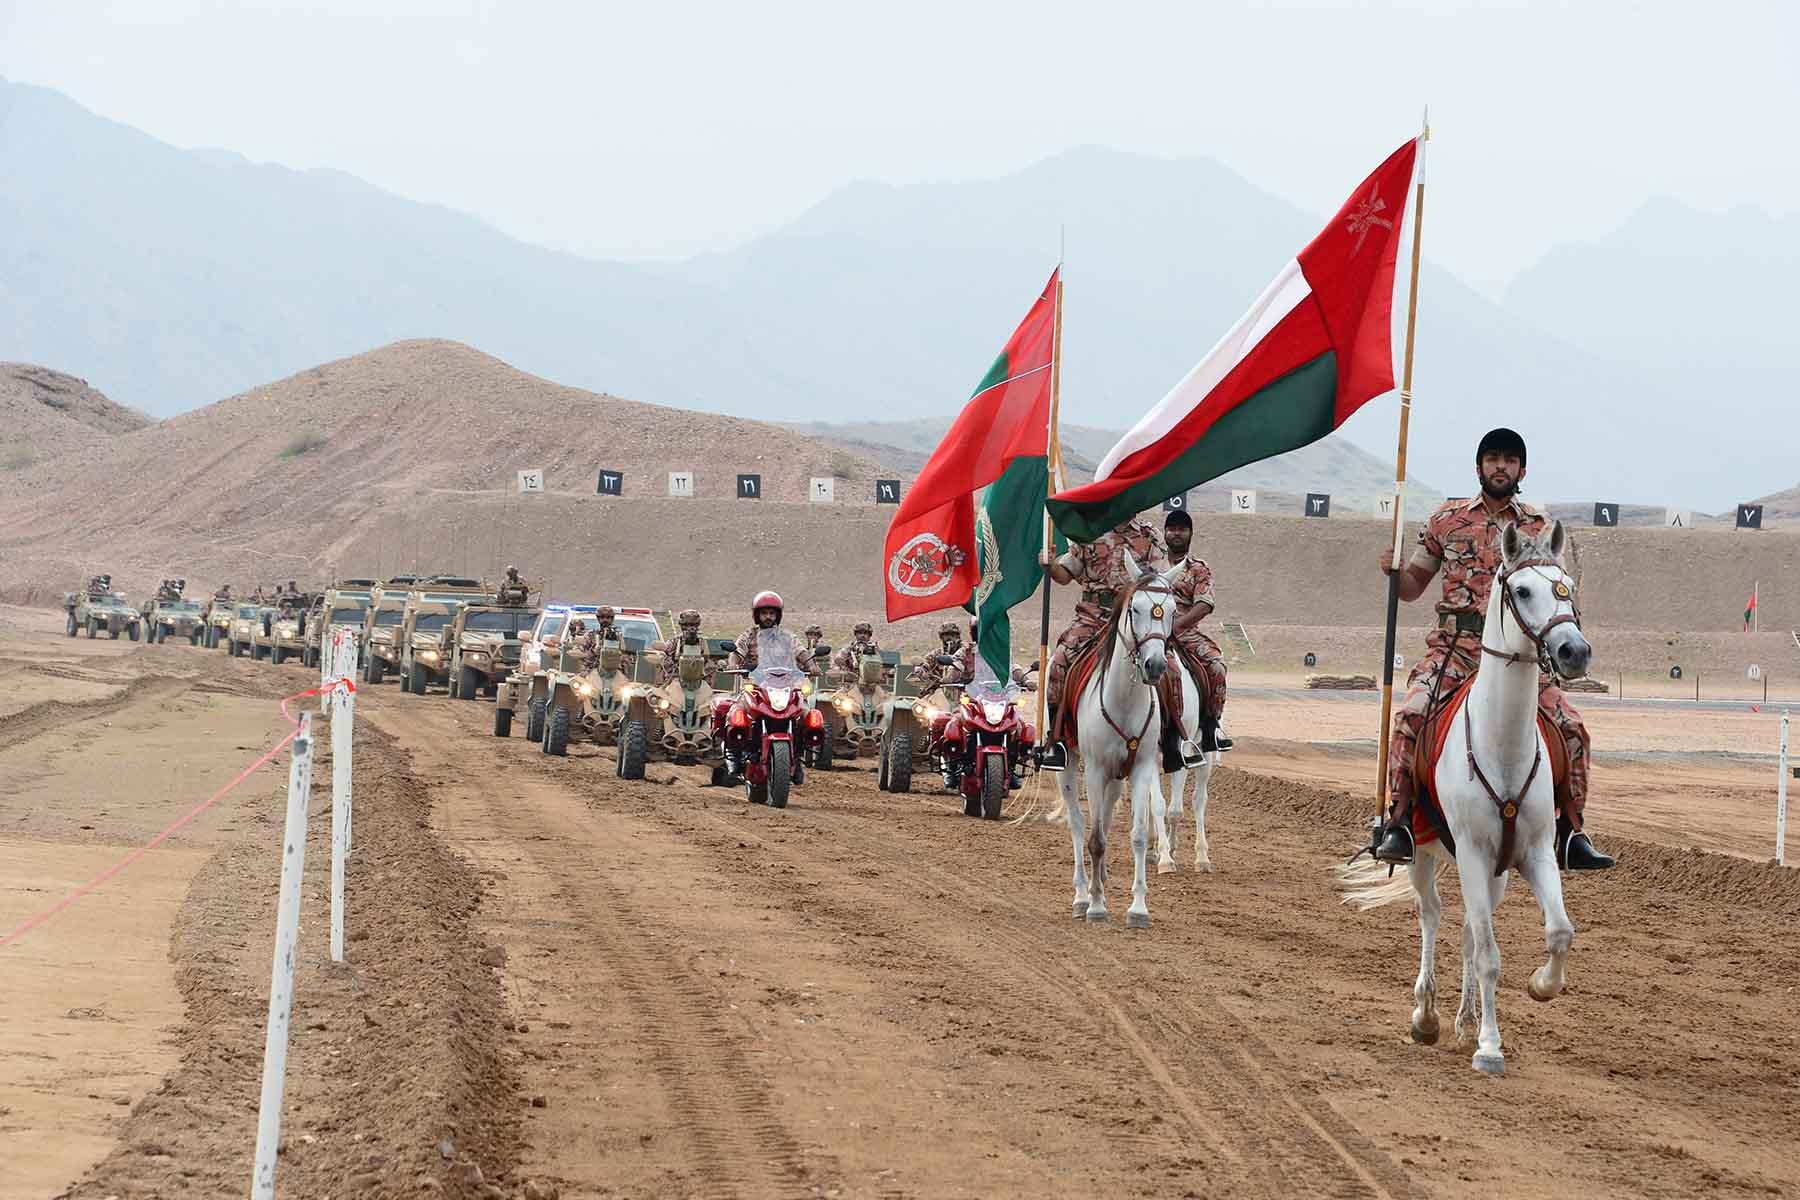 الجيش السلطاني العماني يحتفل بيوم القوات المسلحة ويوم المتقاعدين